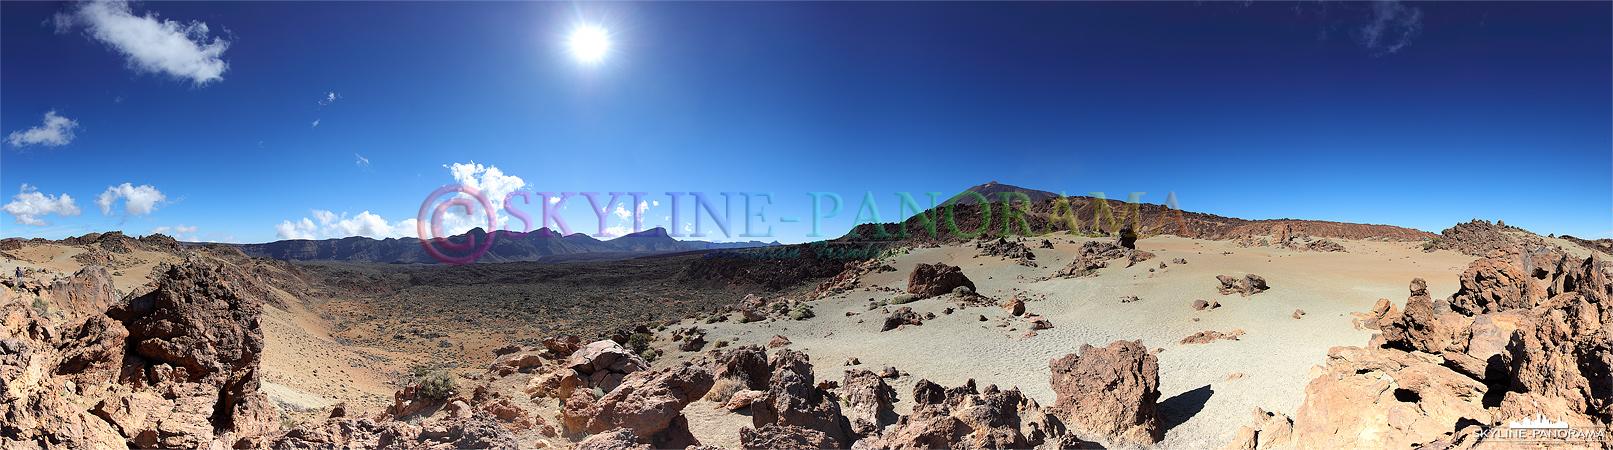 Panorama Teneriffa - Blick auf die erkalteten Lavaströme im Teide Nationalpark.